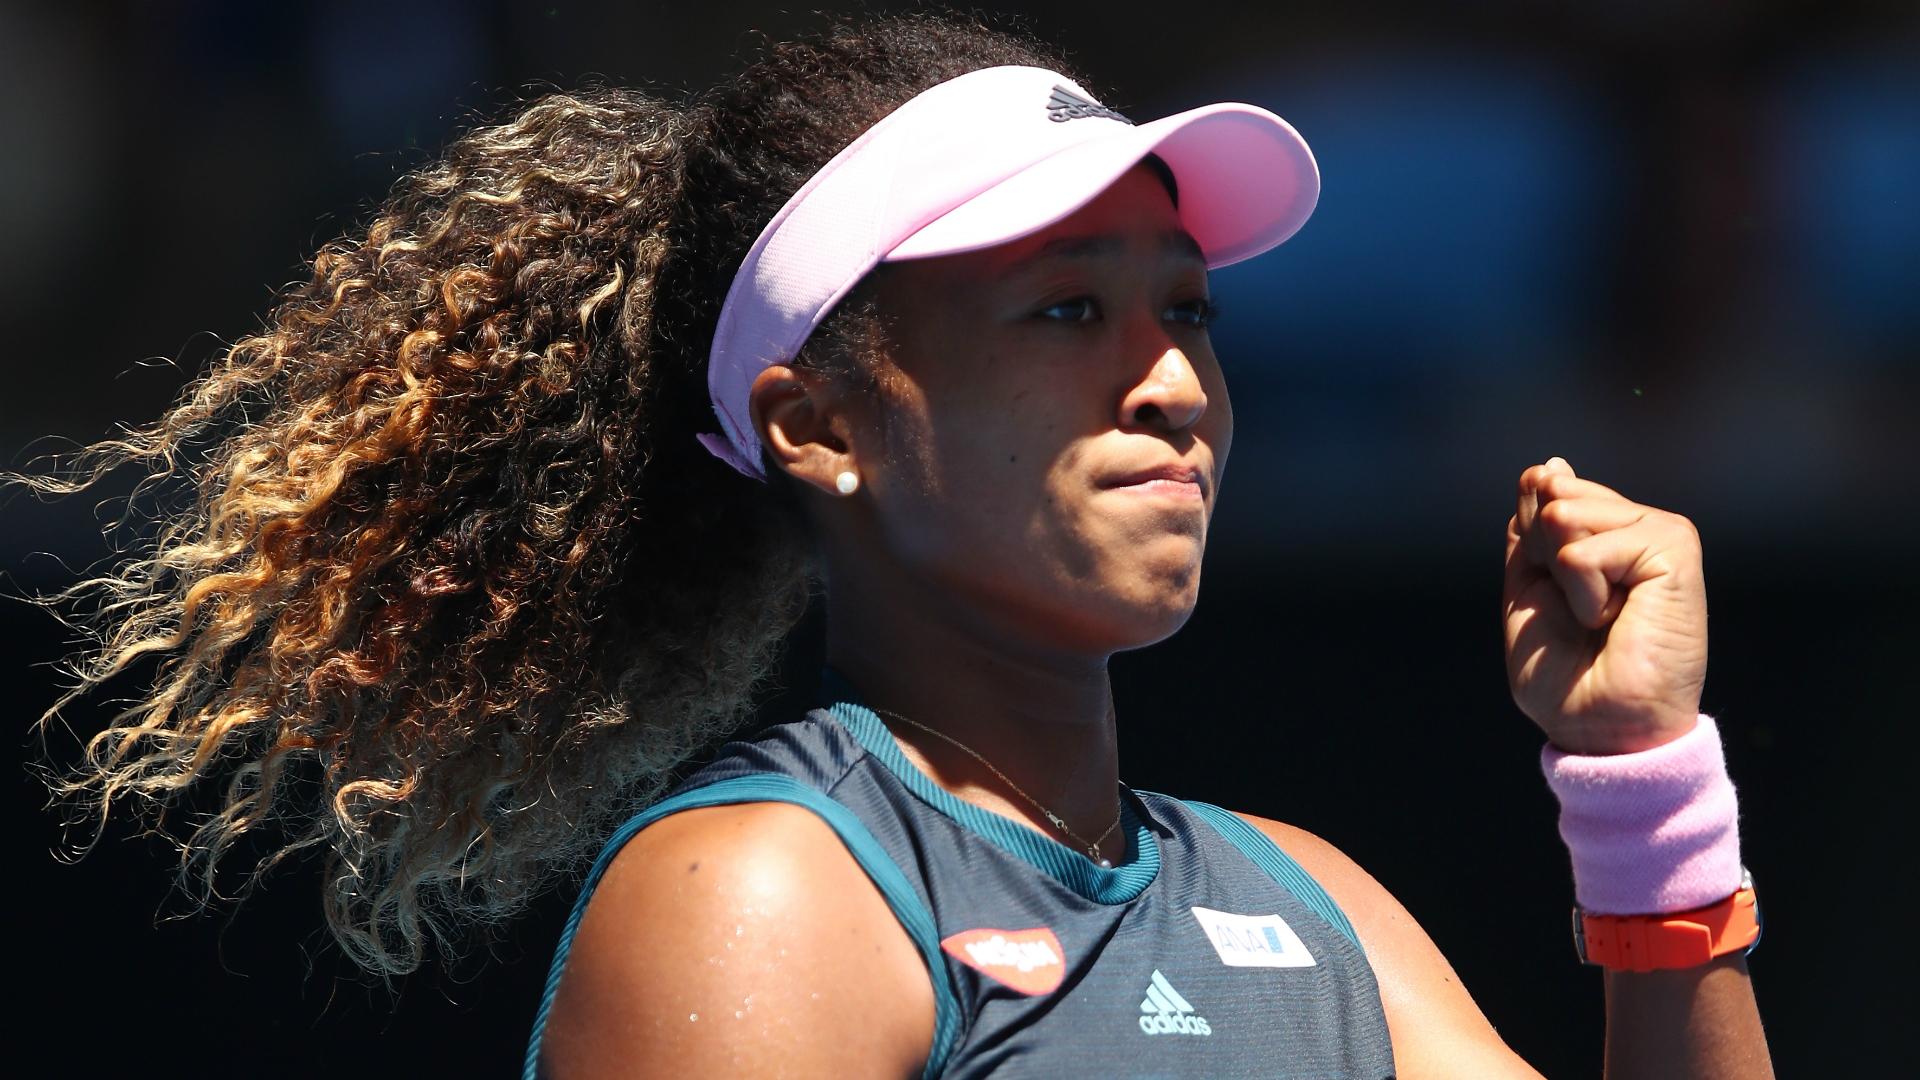 US Open champion Naomi Osaka at the Australian Open